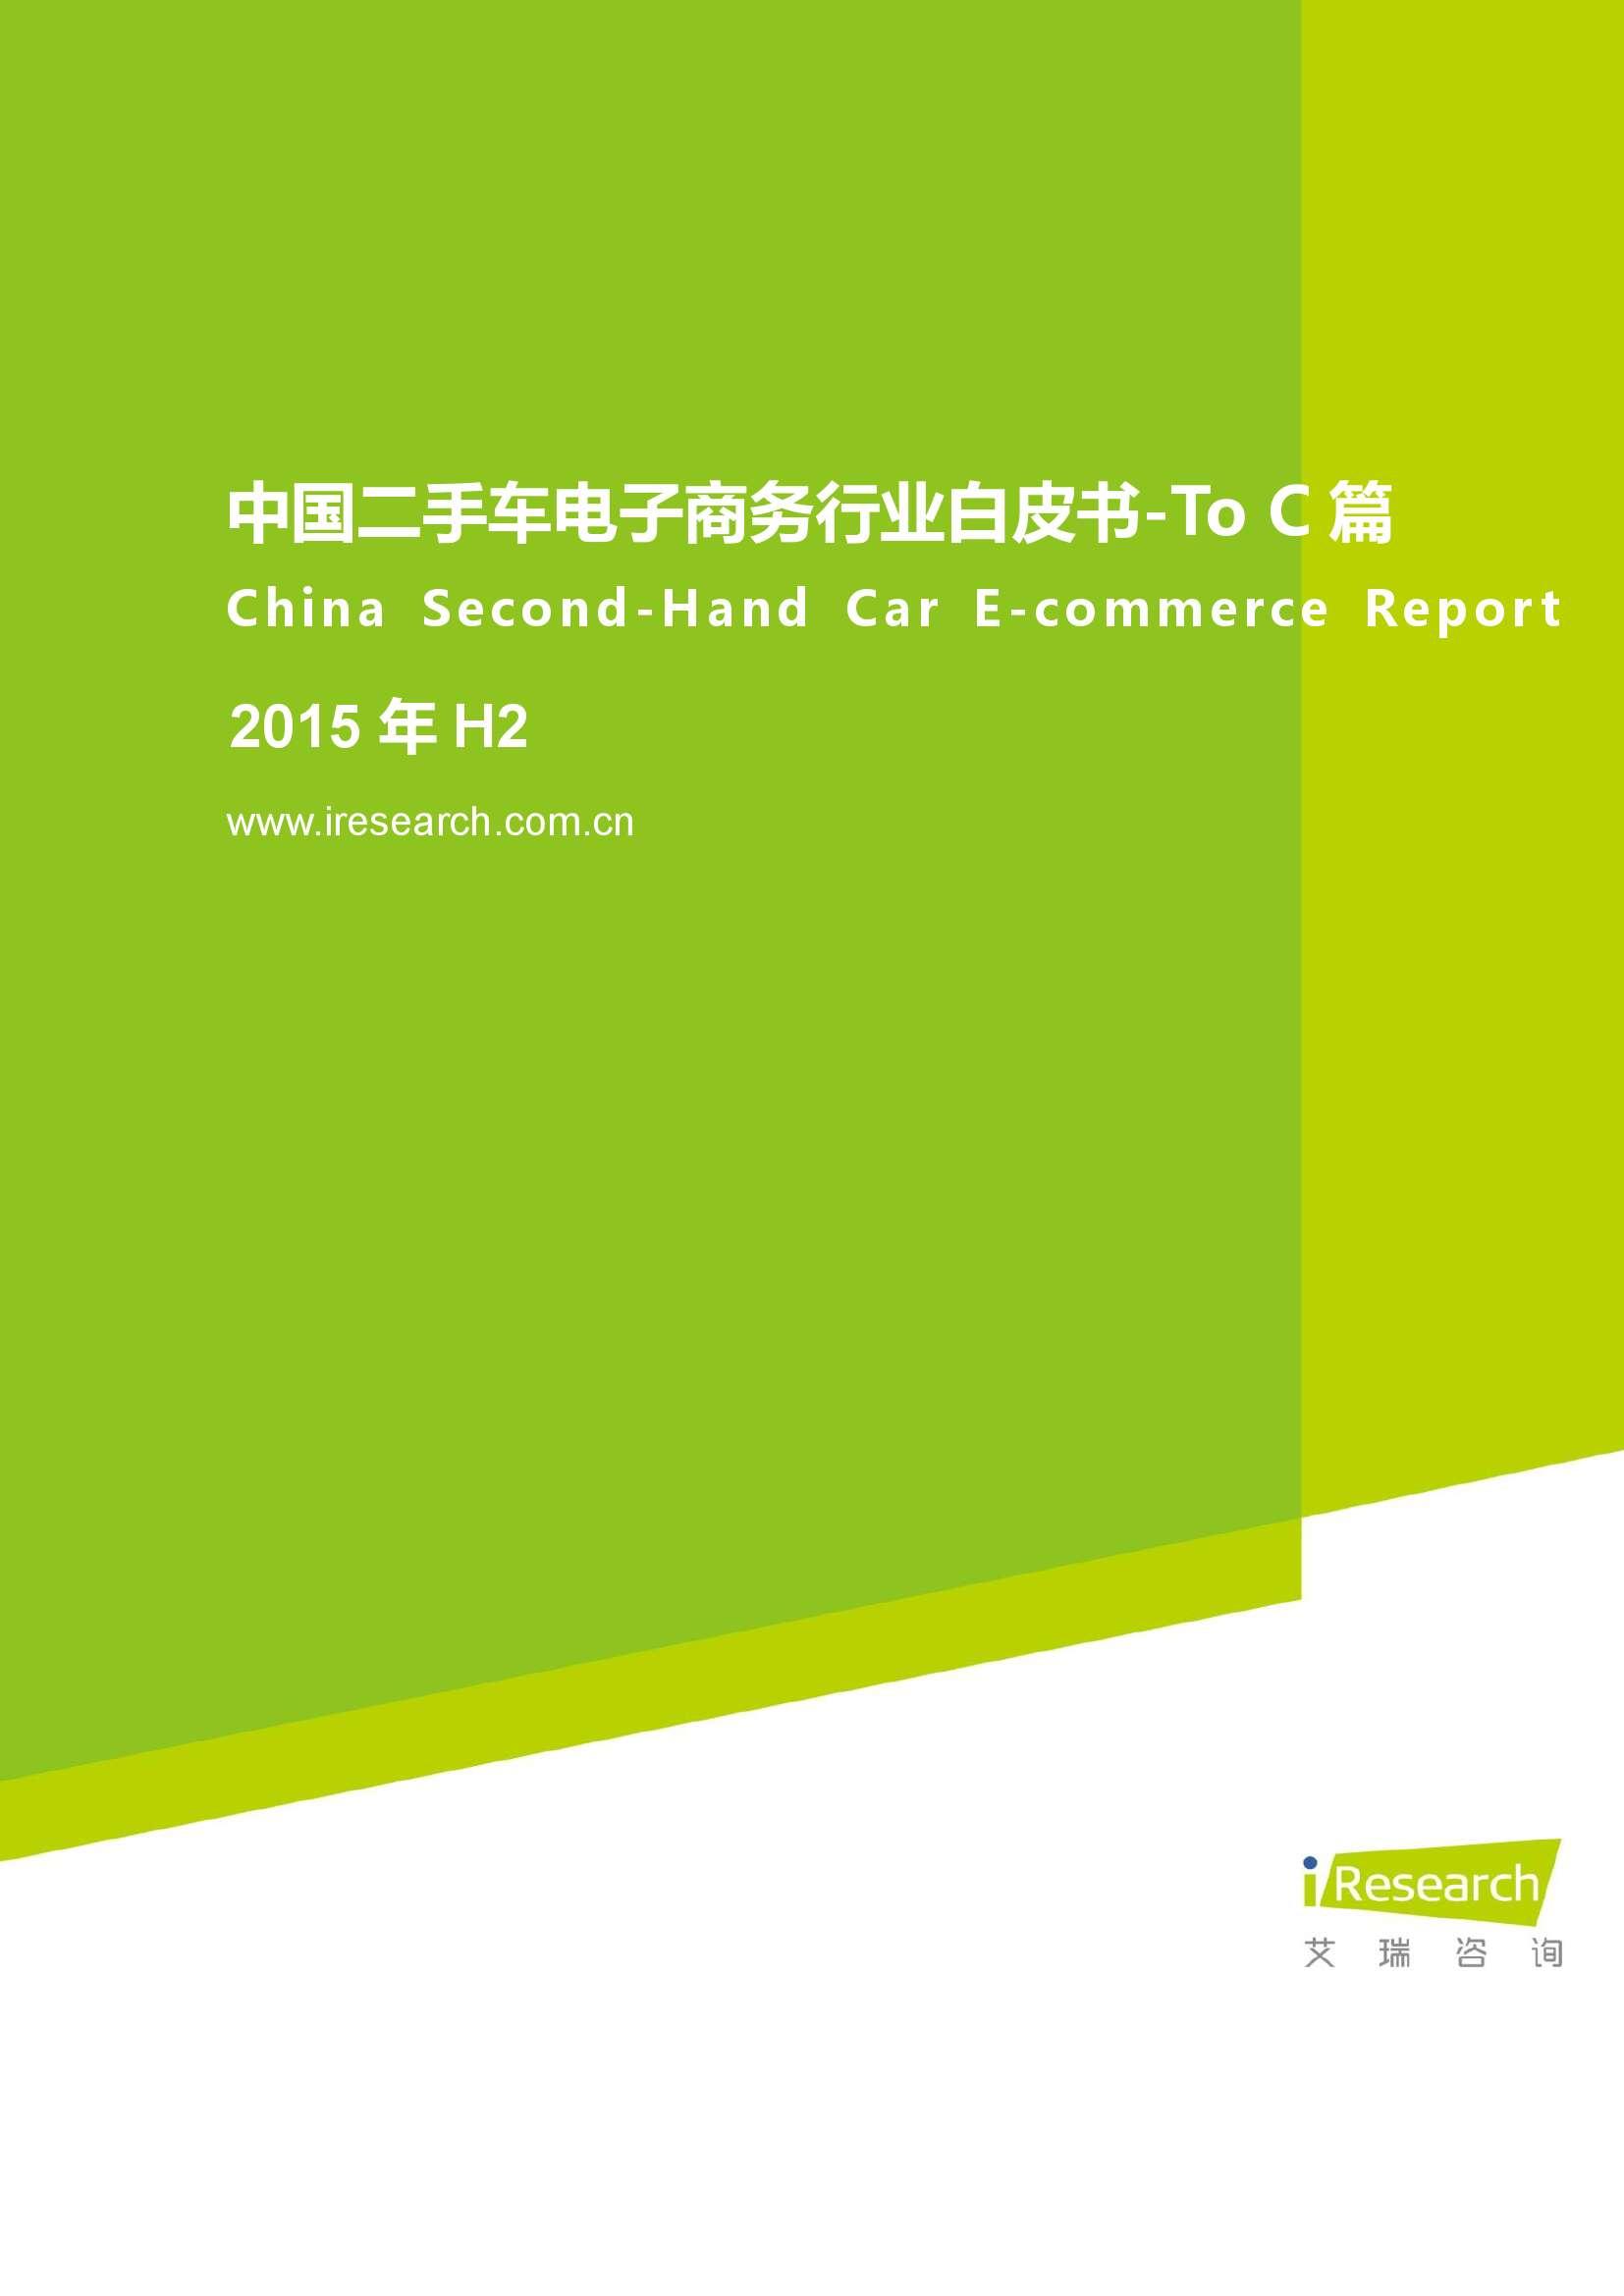 2015年H2中国二手车电子商务行业白皮书_000001